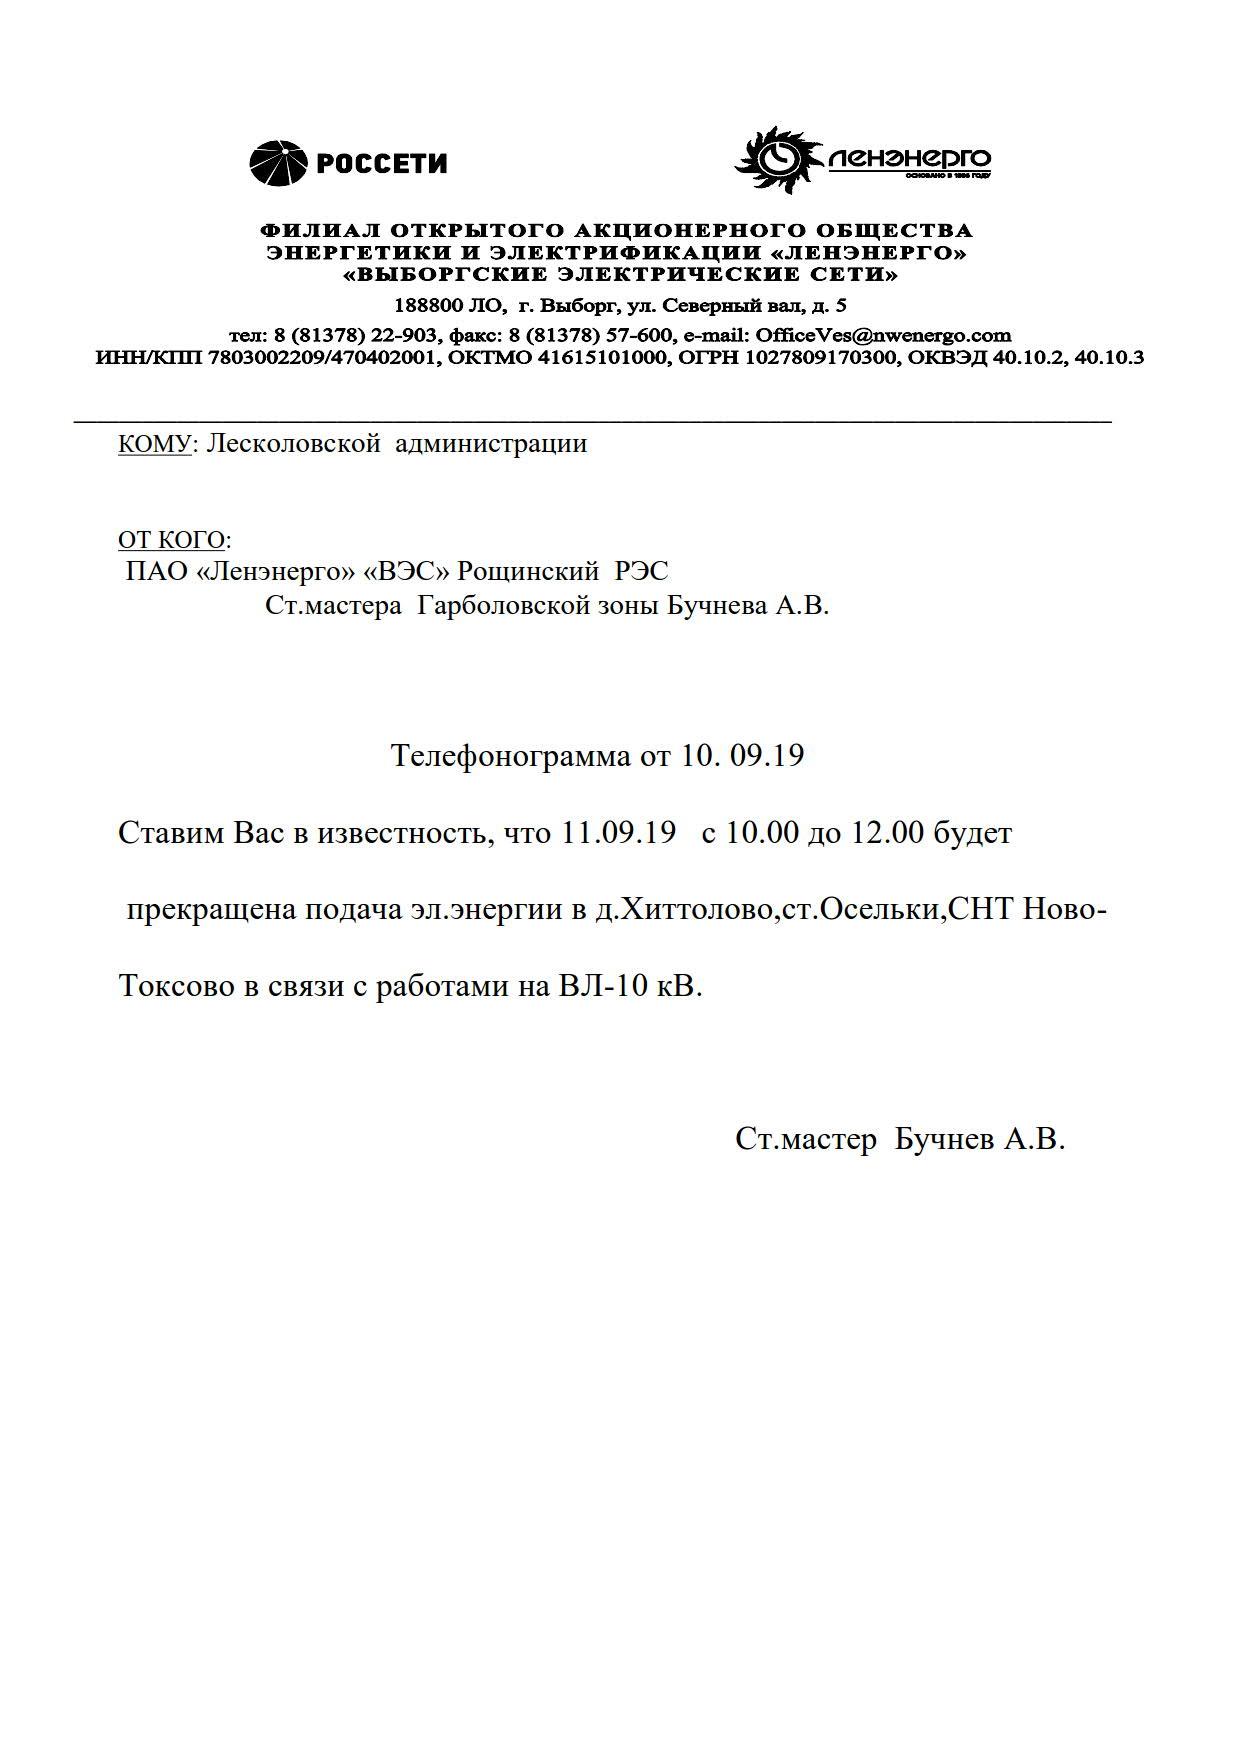 отключения на 11.09.19_1